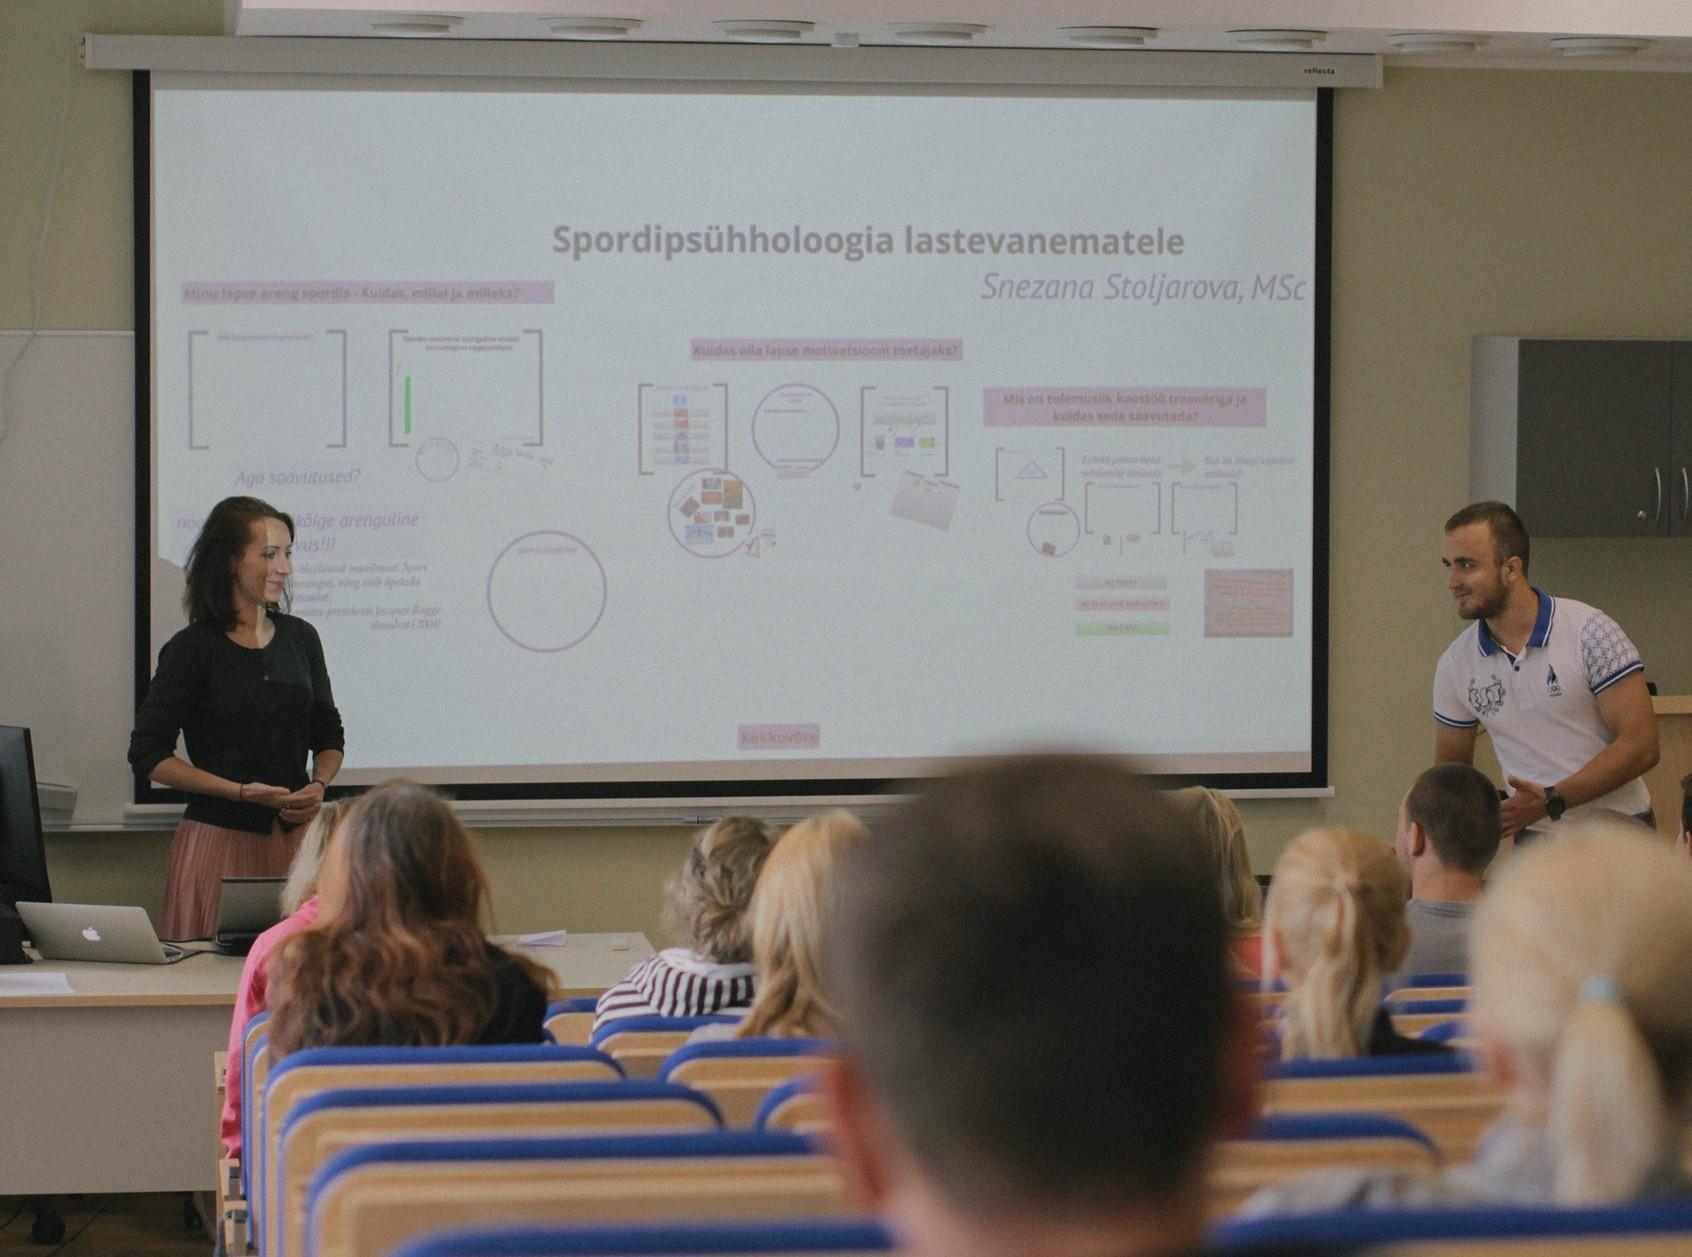 TULEMAS! Snezana Stoljarova spordipsühholoogia seminar õpetab pingetega toime tulema